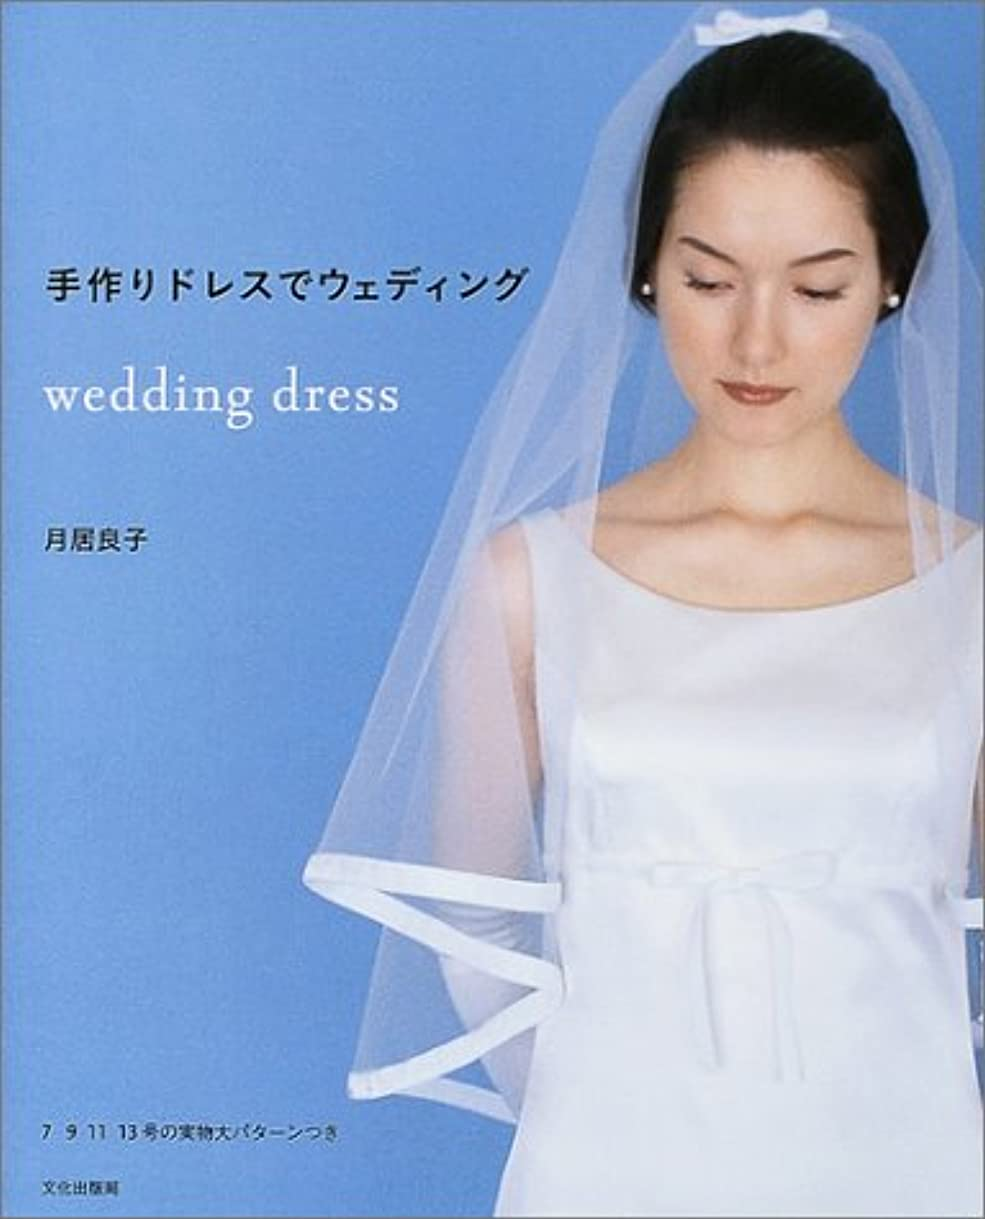 ズームインするクレデンシャル慣れる手作りドレスでウェディング